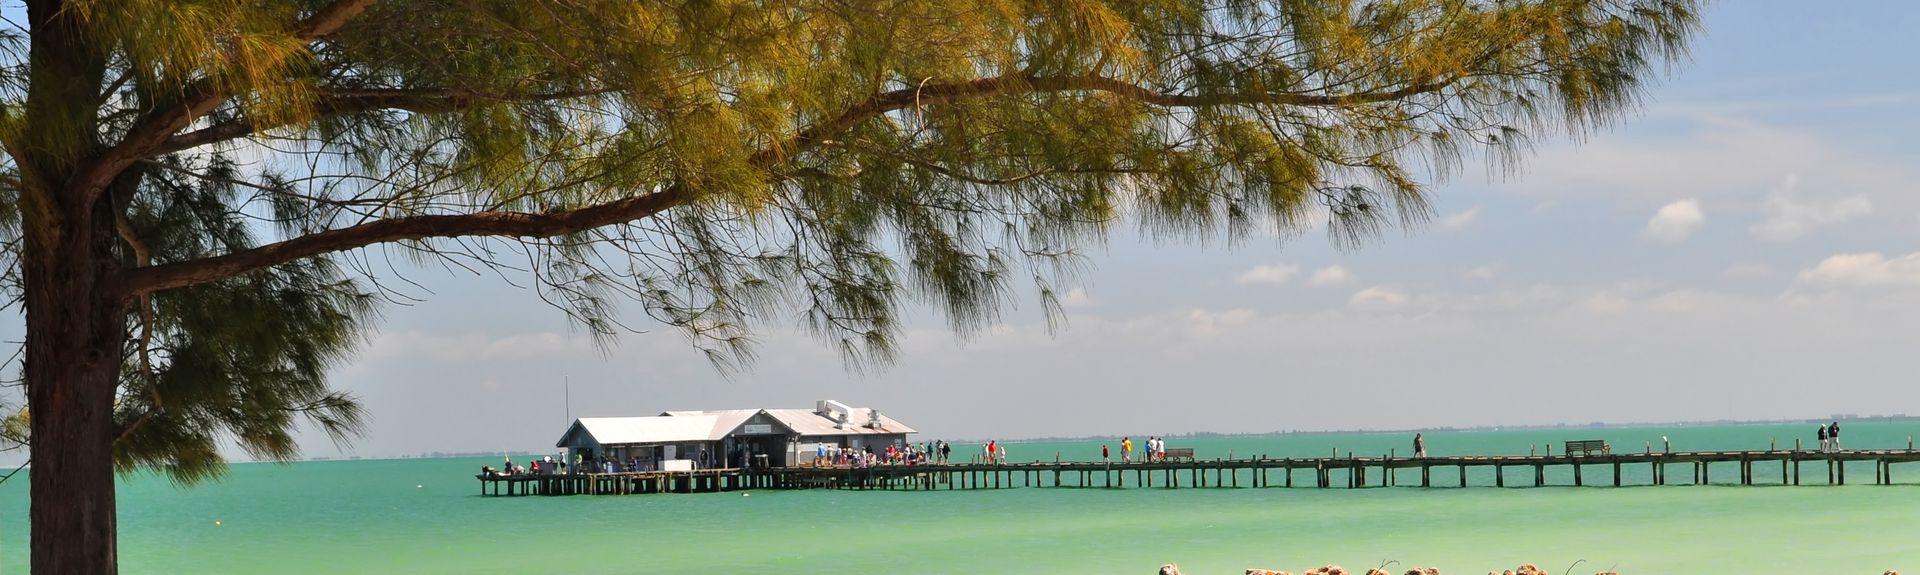 Anna Maria Island, Floride, États-Unis d'Amérique